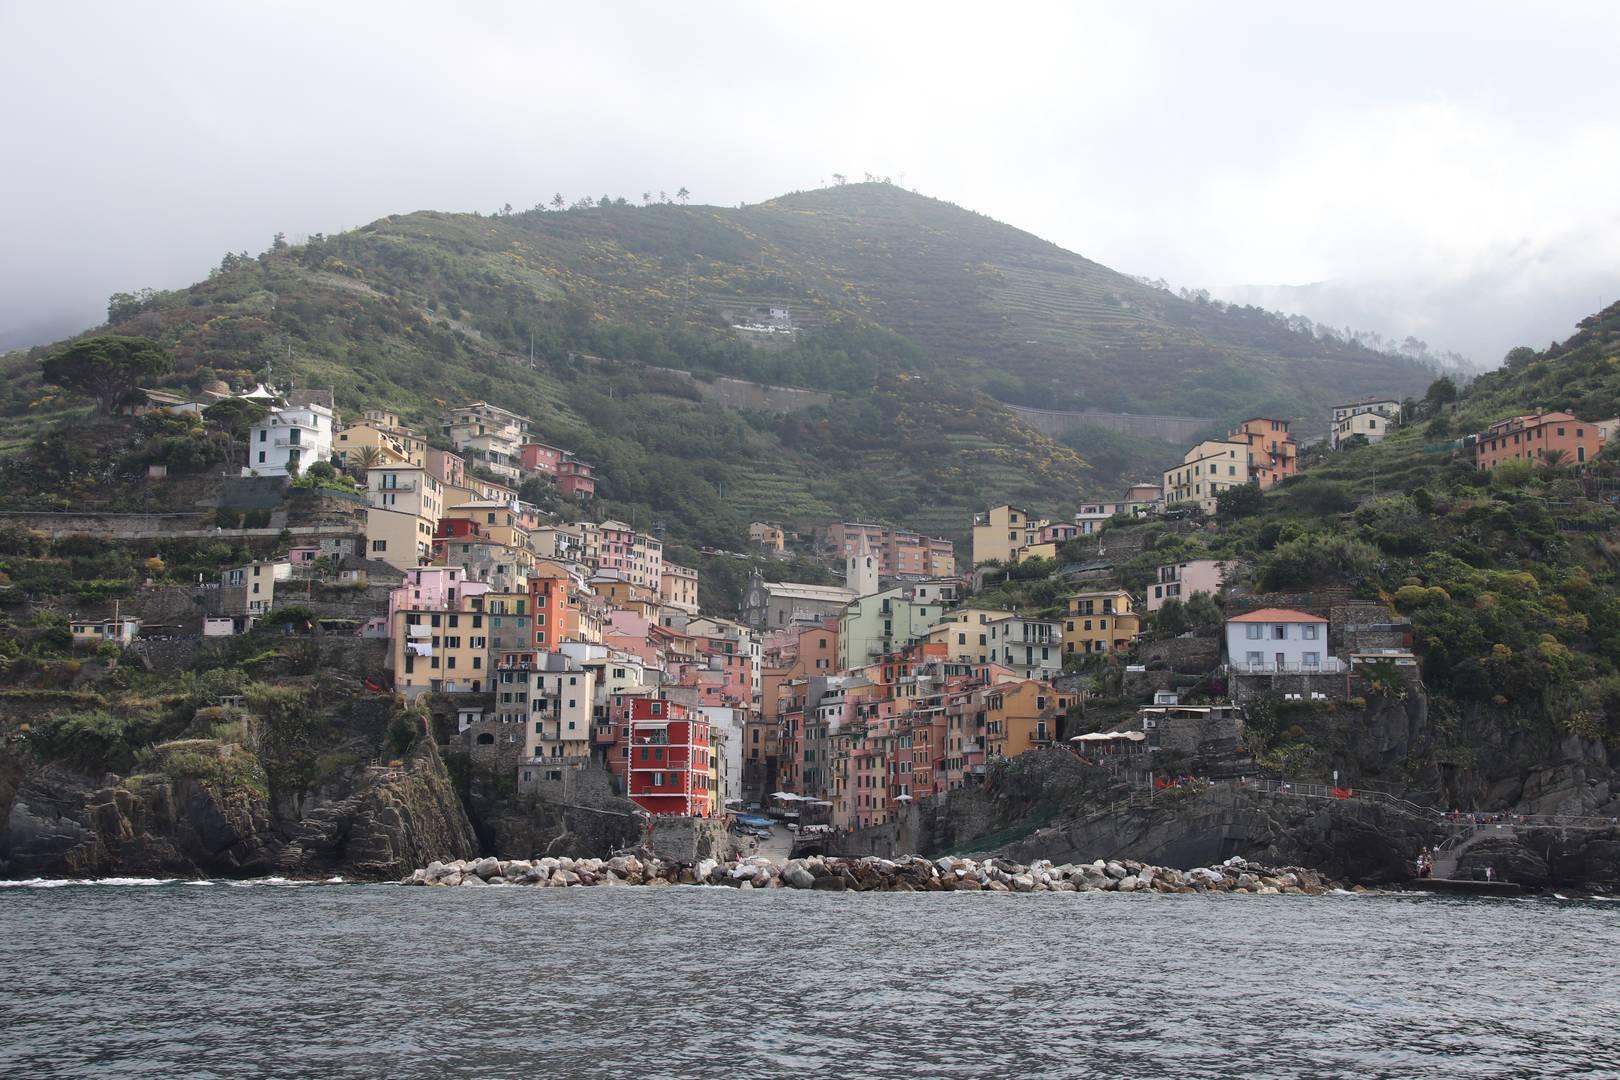 Italie - Village de Riomaggiore, parc des cinque terre